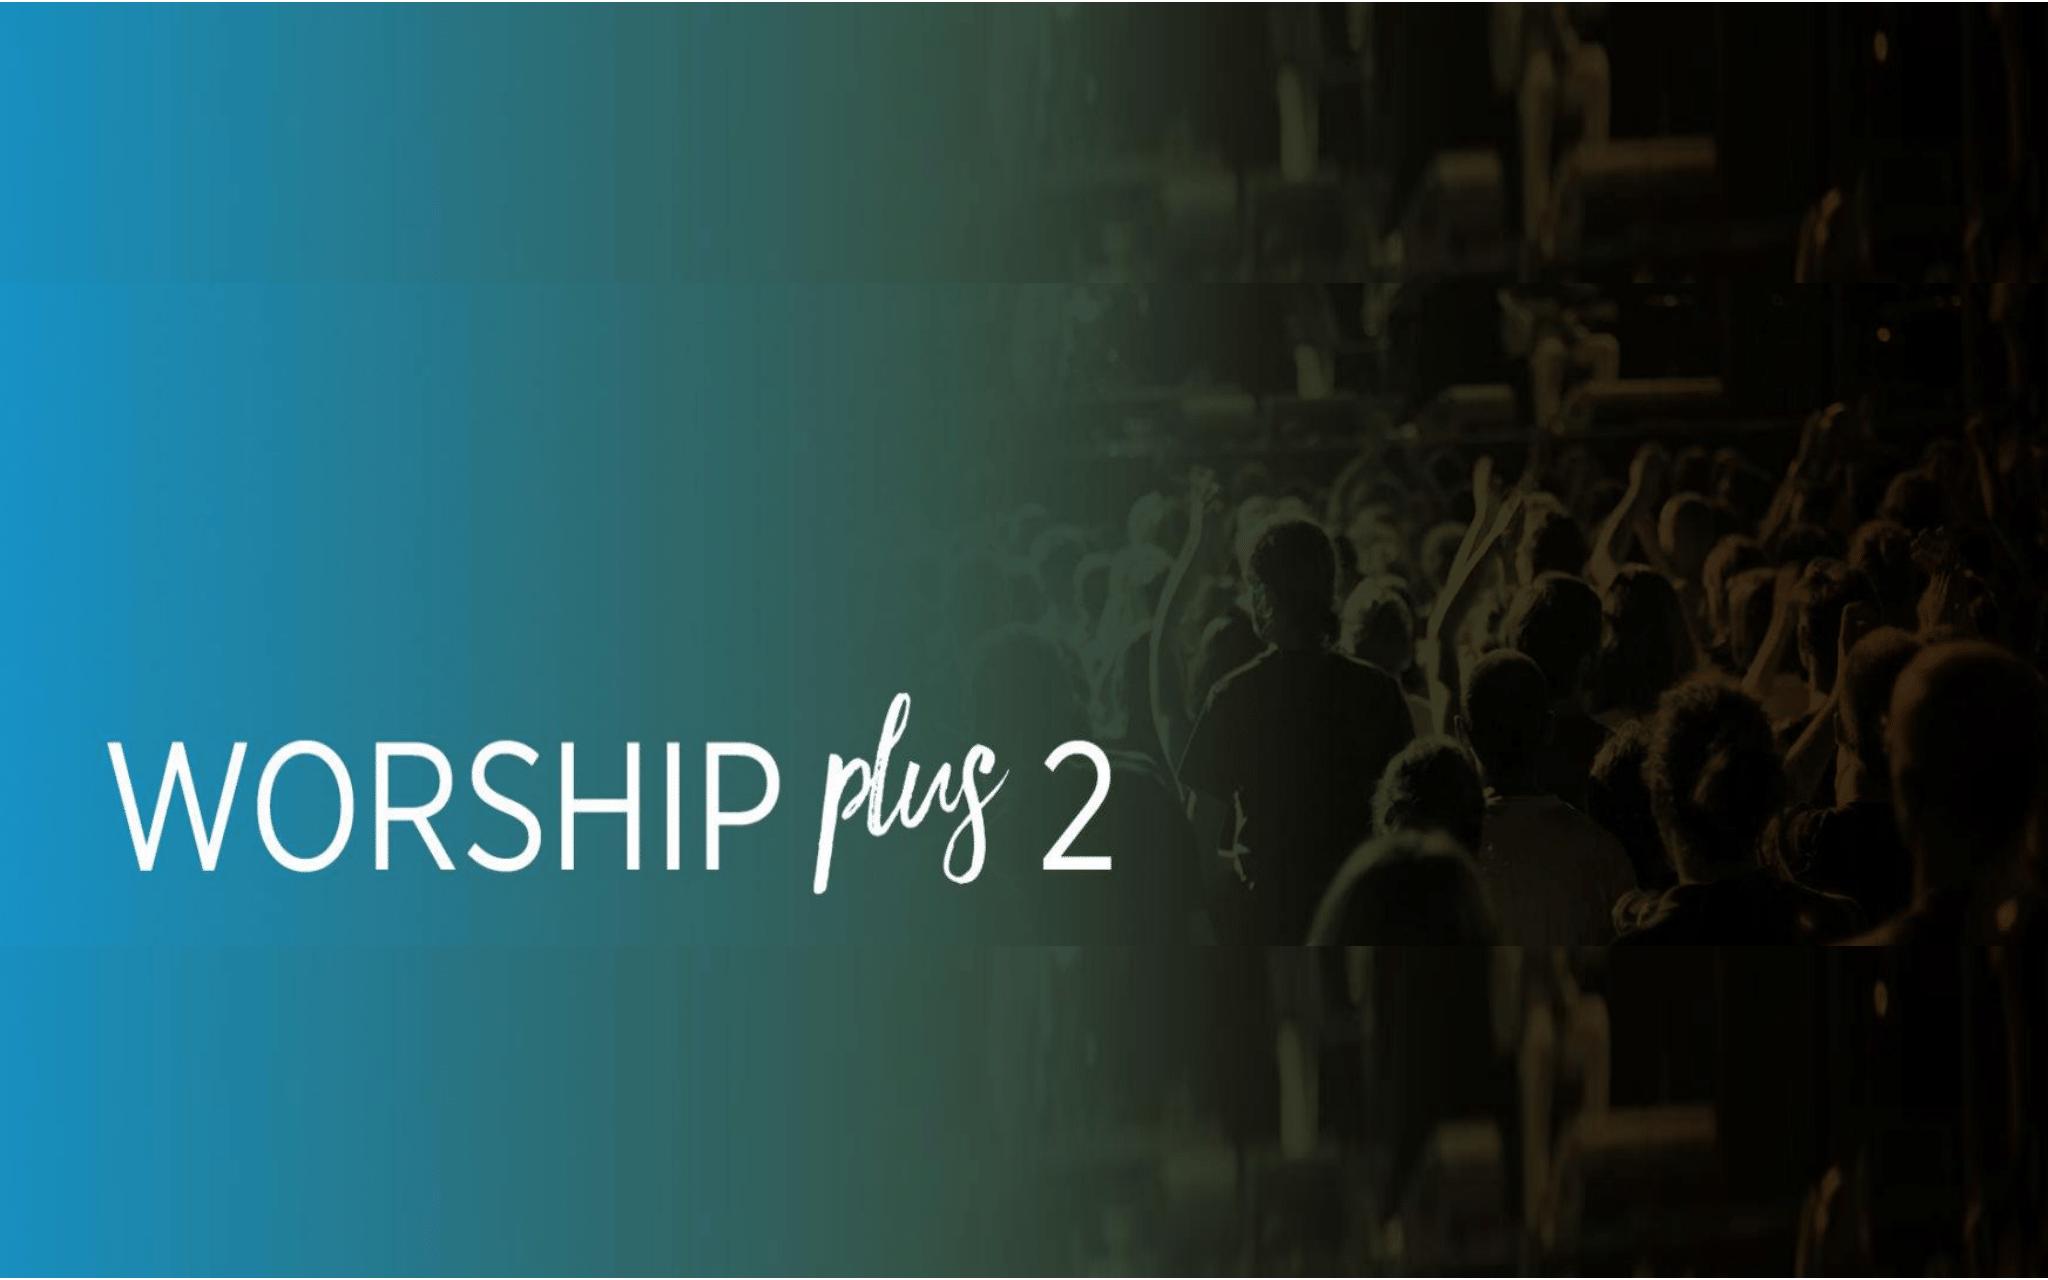 WorshipPlus2.png